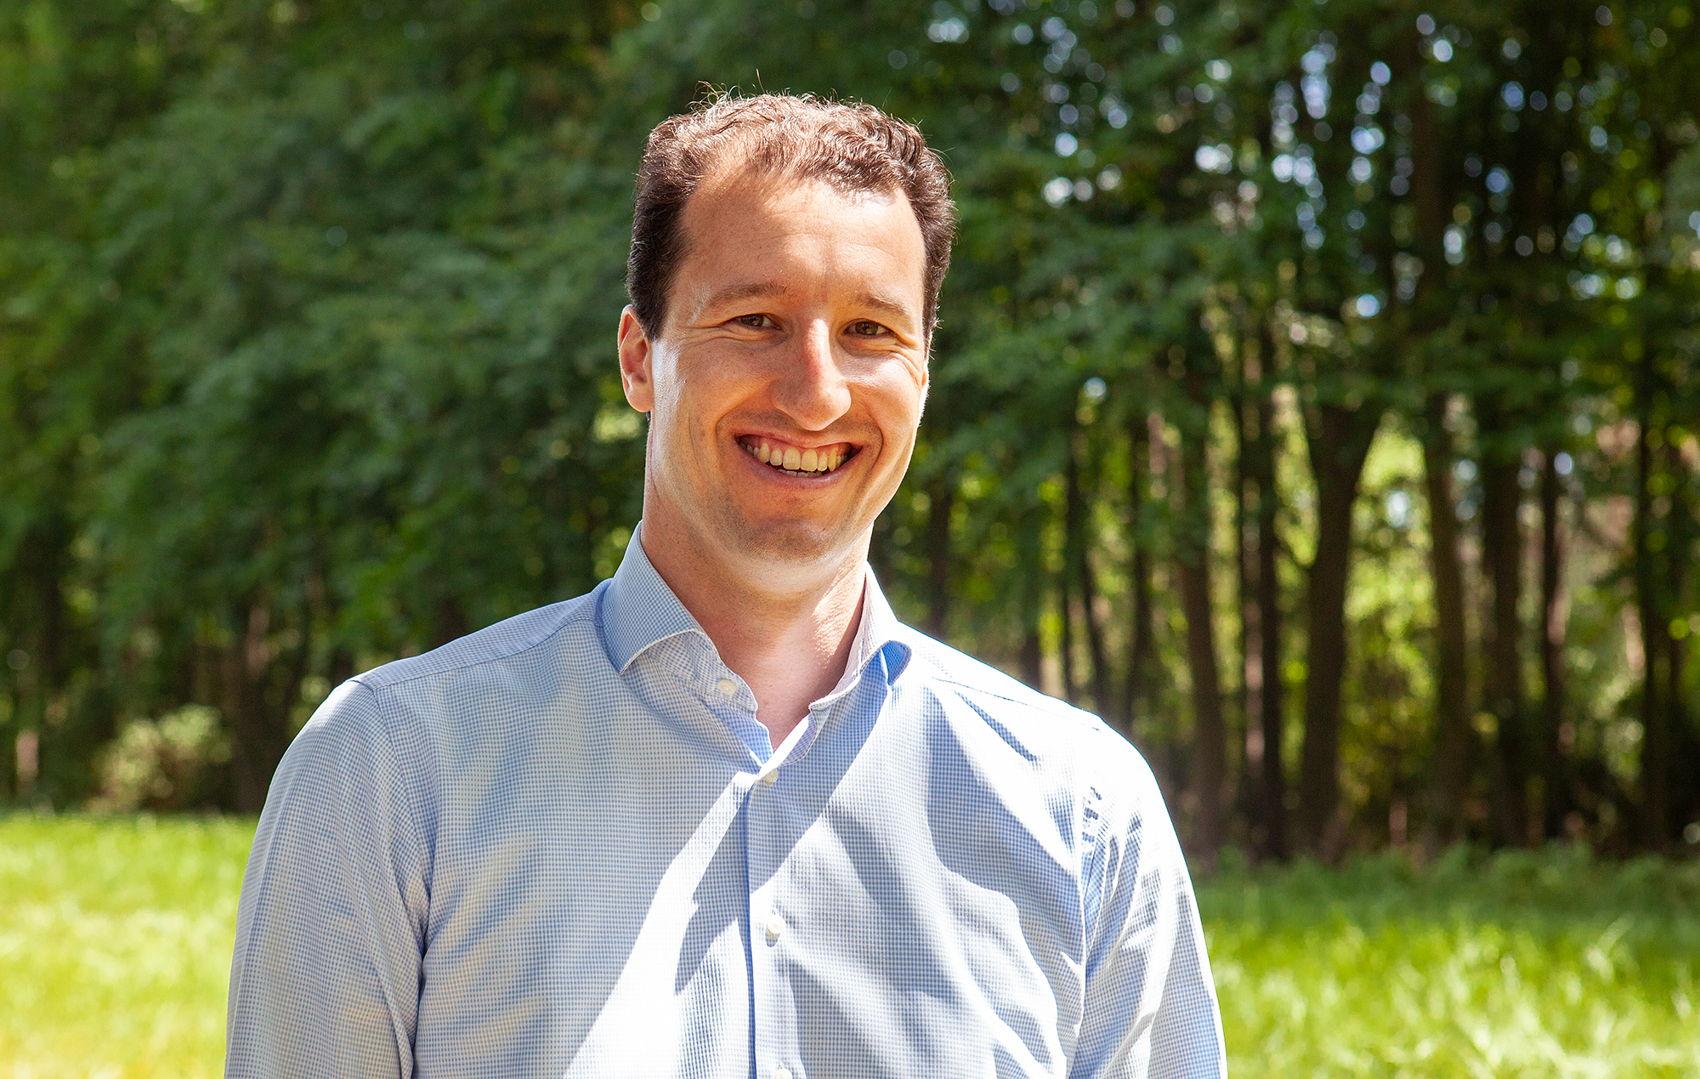 Roel Dirkx, één van de adviseurs geothermie van IF Technology, die betrokken is bij het onderzoeksproject Lean van Warmtebron Utrecht.